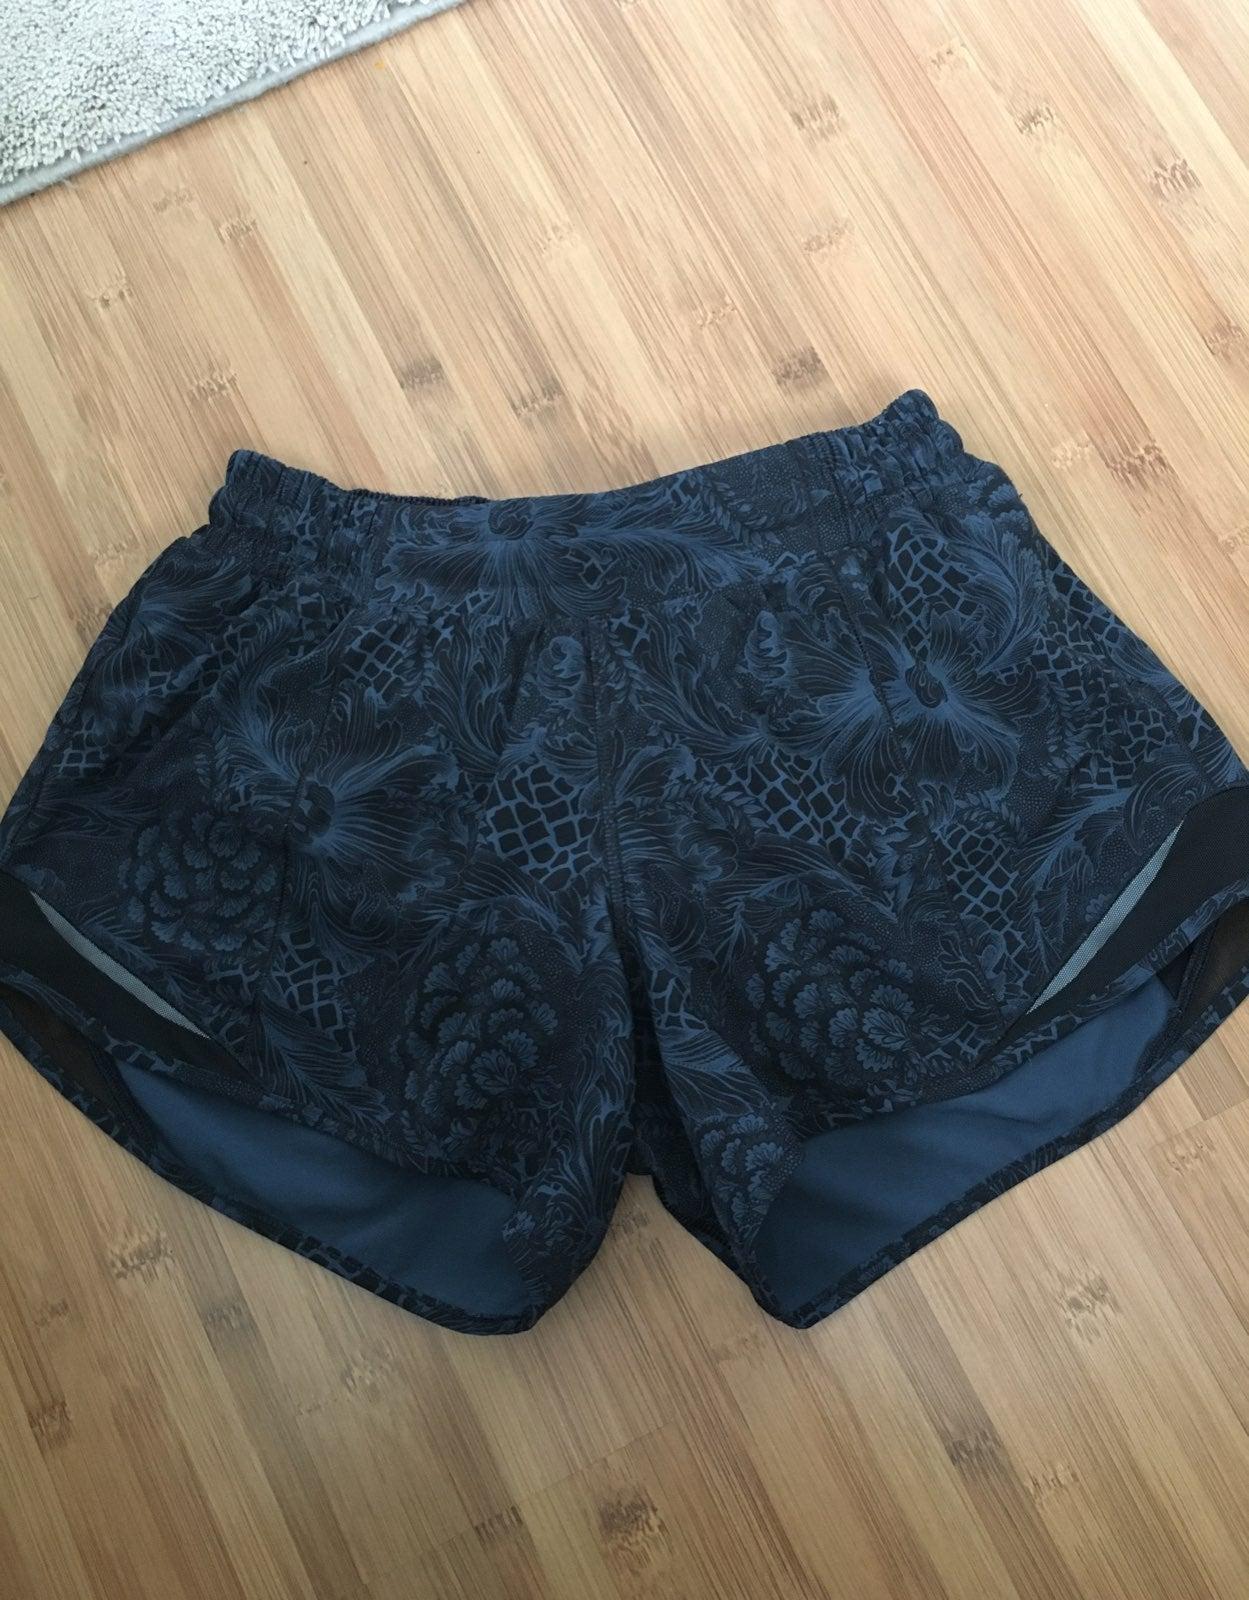 Shorts lululemon nouveau mach blue hotty